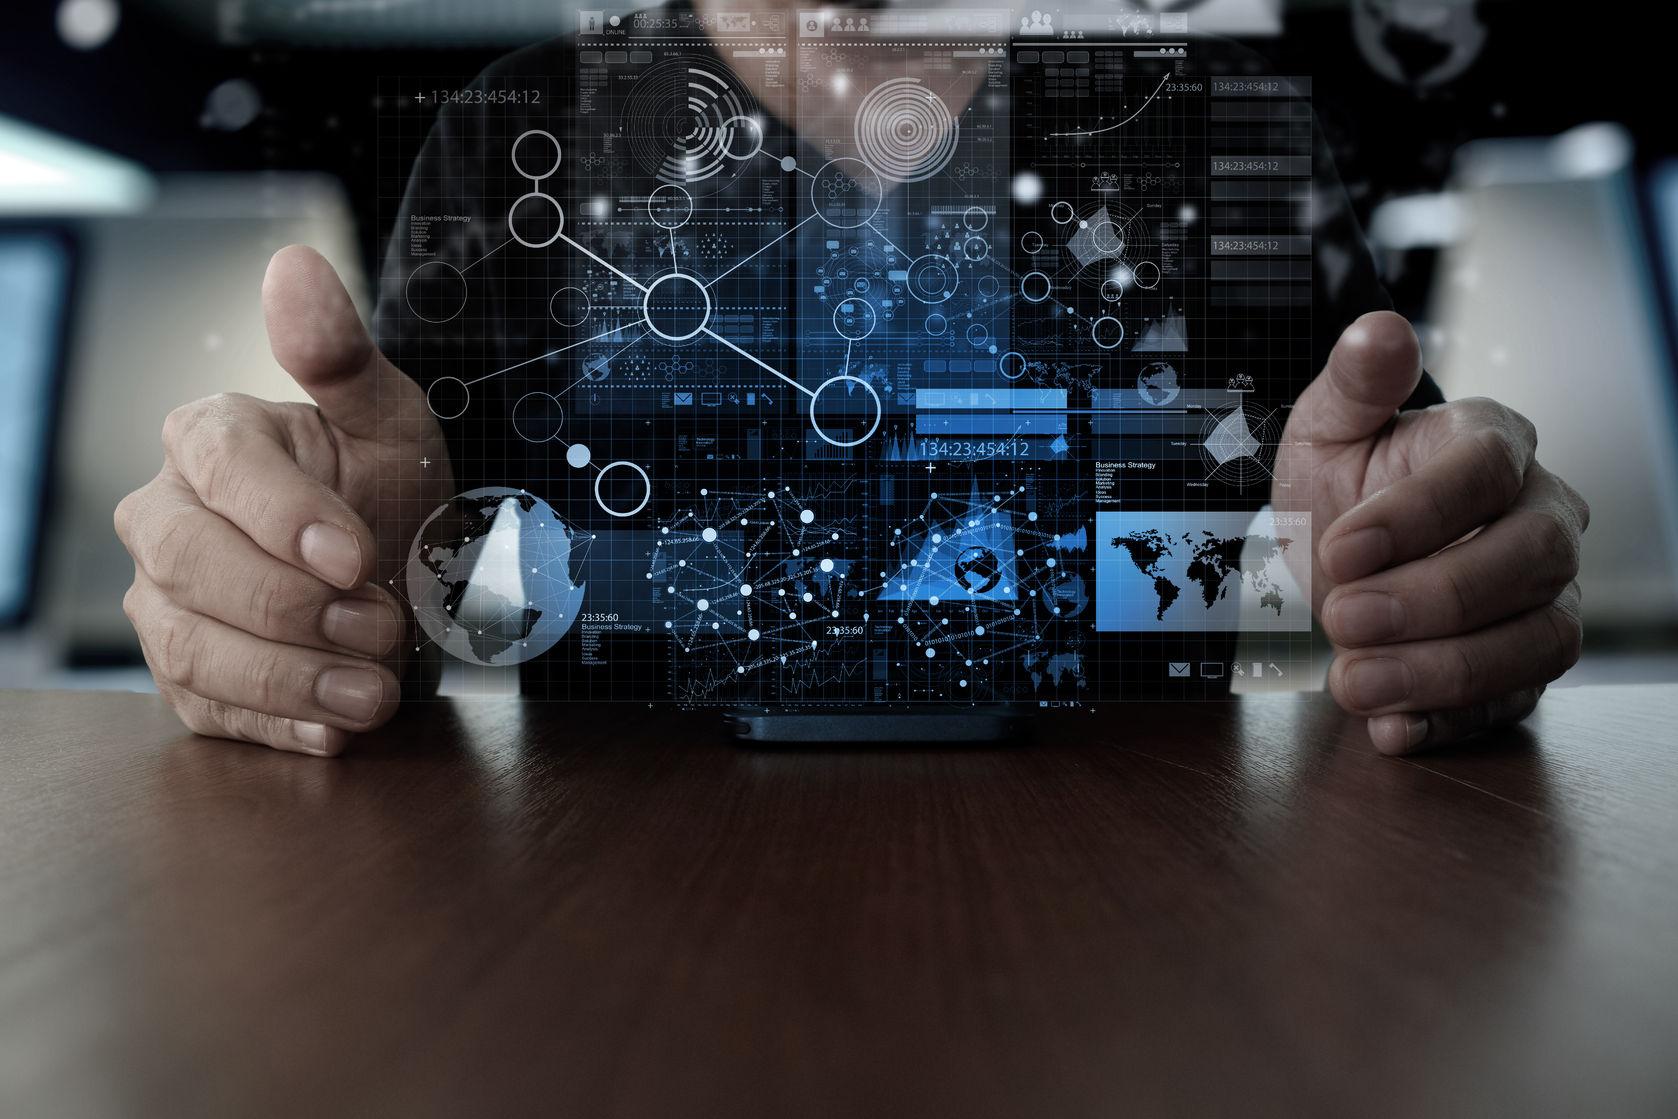 Nasce la Nuova Vem Solutions: il futuro dell'Internet of Things secondo Viasat Group